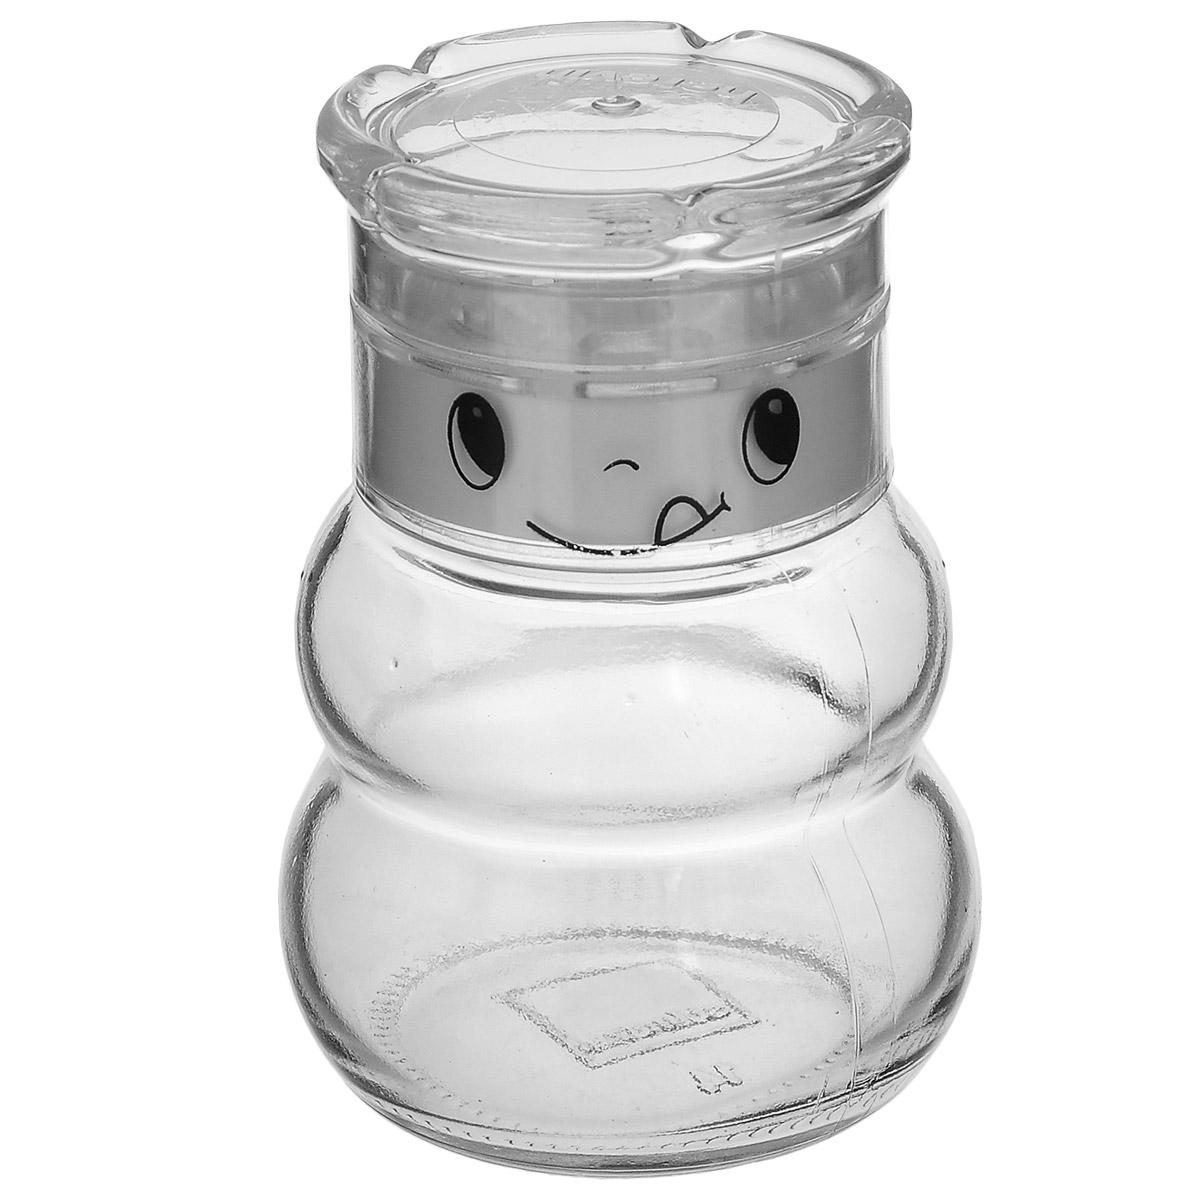 Банка для специй Herevin Шеф, цвет: белый, 200 мл115510Баночка для специй Herevin Шеф изготовлена из прочного прозрачного стекла. Банка оснащена плотно закрывающейся пластиковой крышкой, которая надолго сохранит вкус и аромат специй. Функциональная и вместительная, такая банка станет незаменимым аксессуаром на любой кухне.Можно мыть в посудомоечной машине. Объем: 200 мл. Диаметр (по верхнему краю): 5,5 см. Высота банки (с крышкой): 10 см.